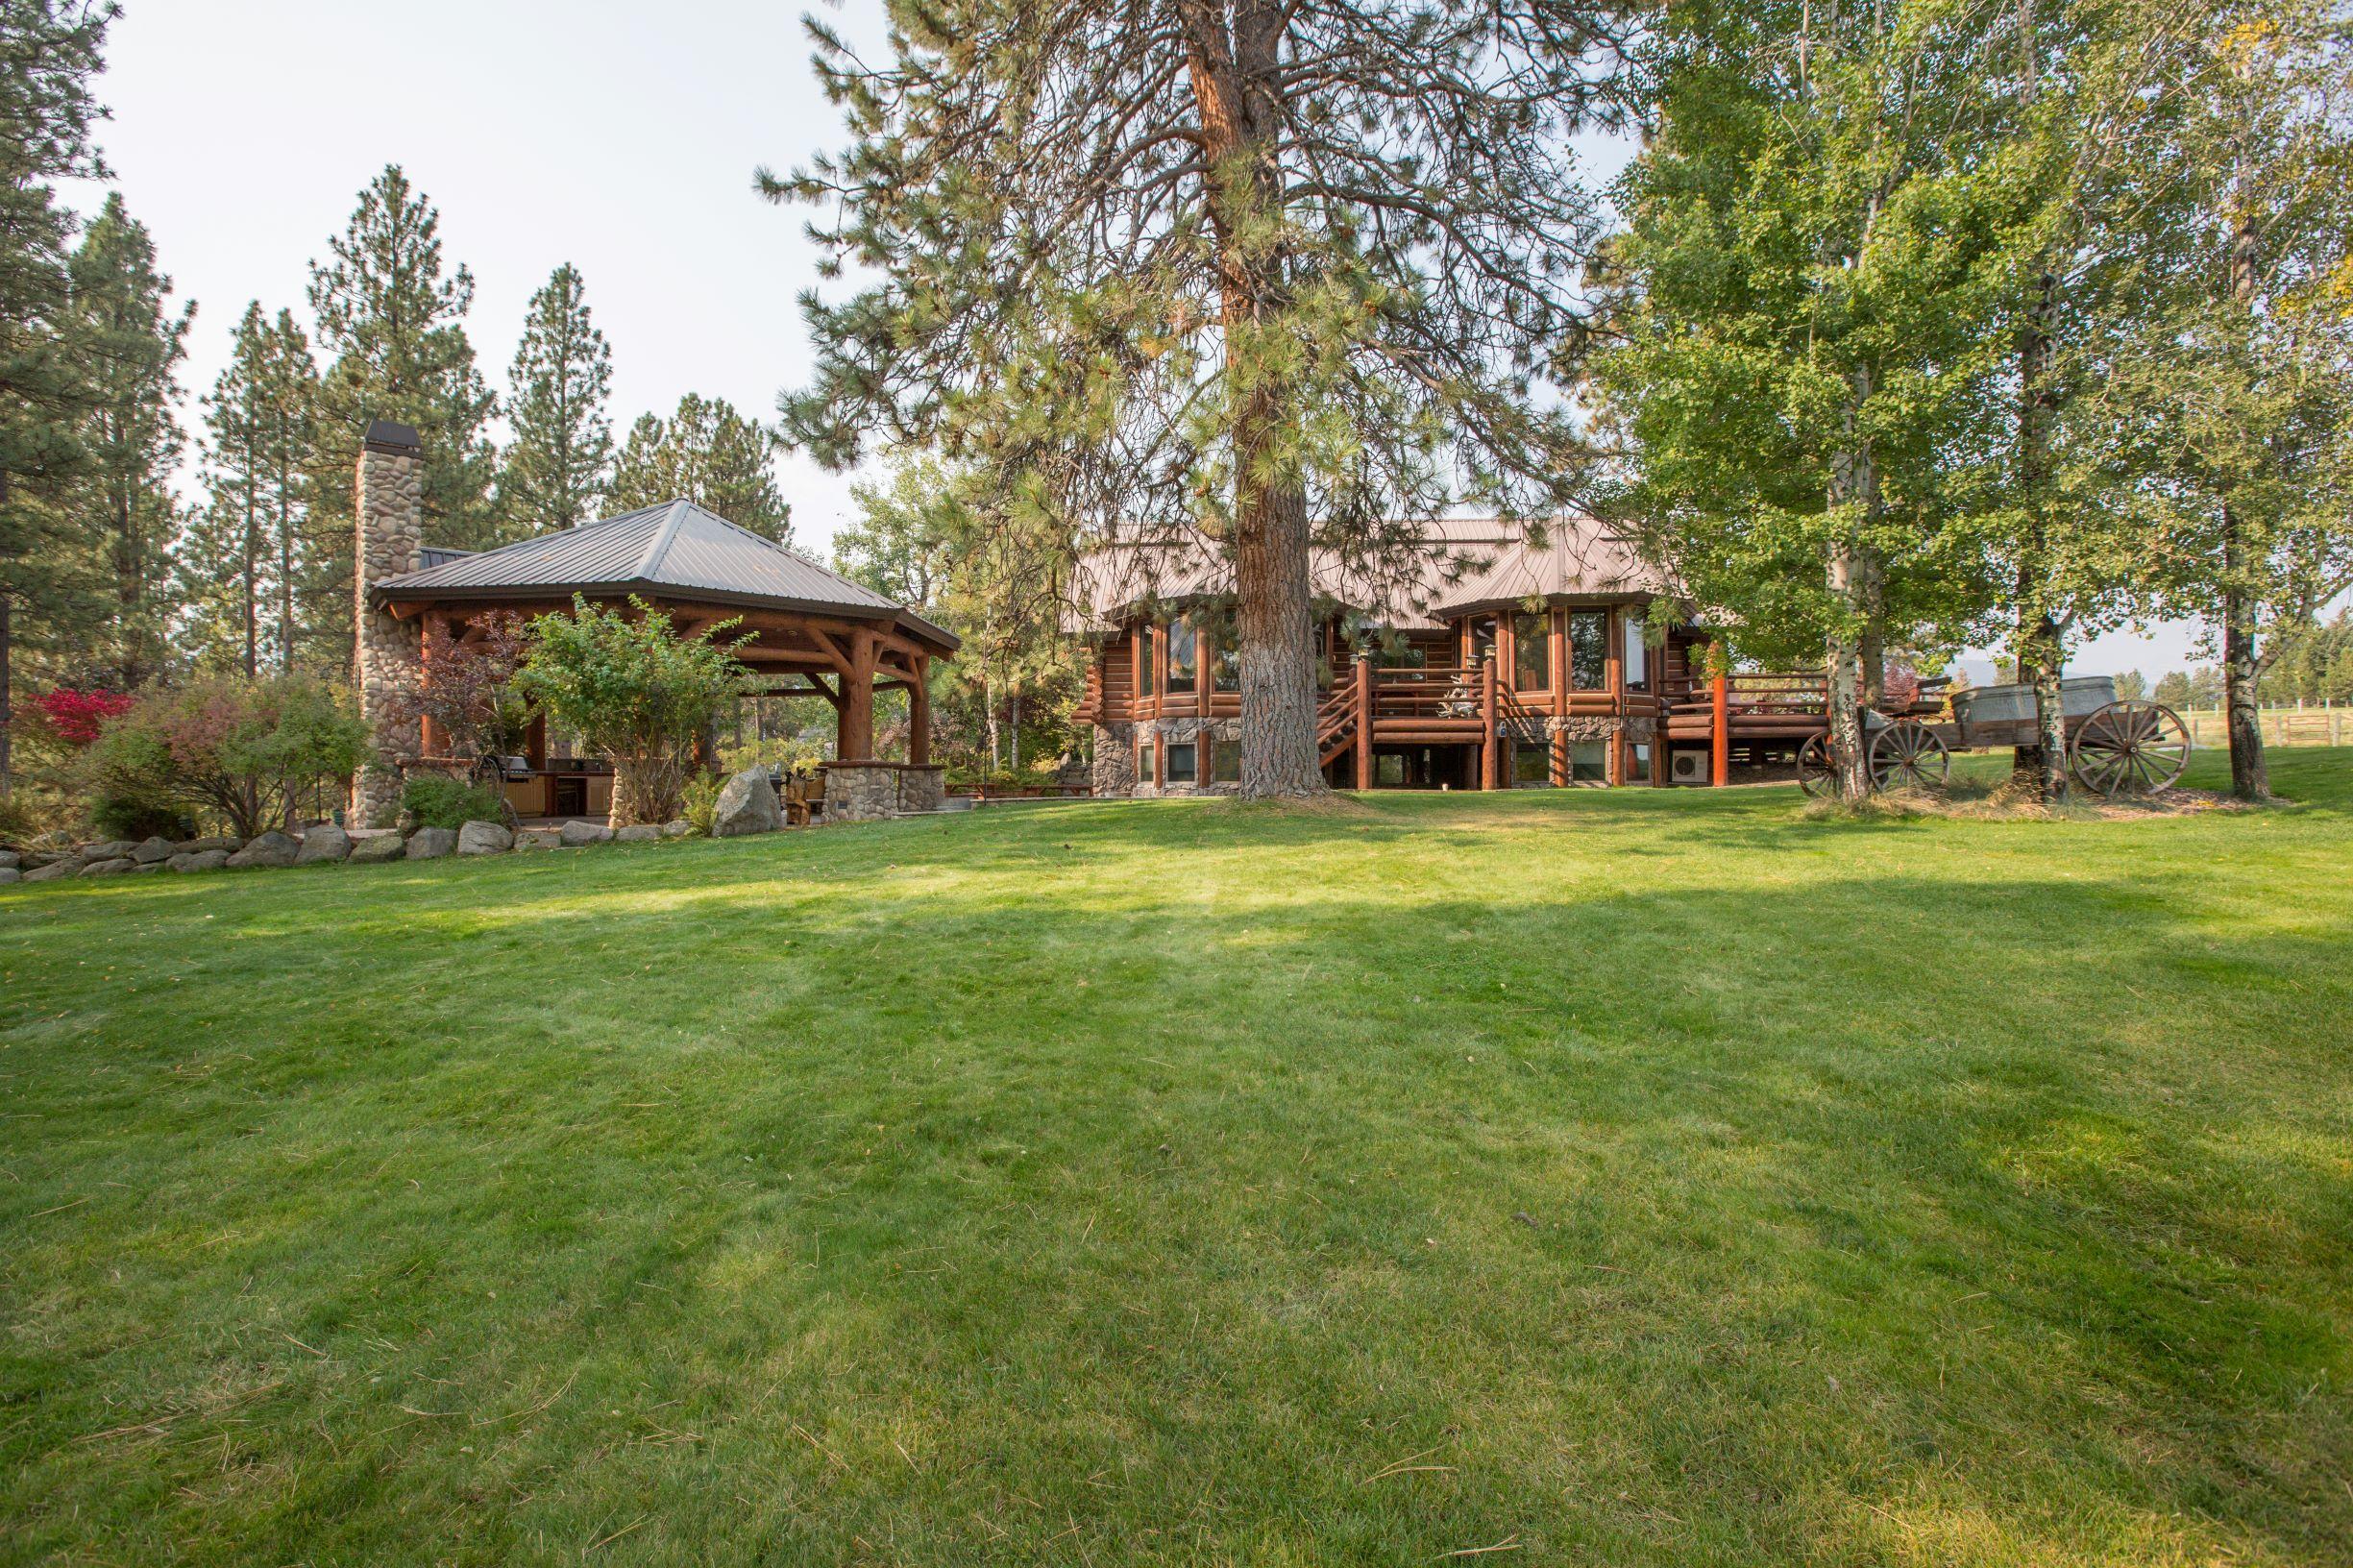 Main Log Home